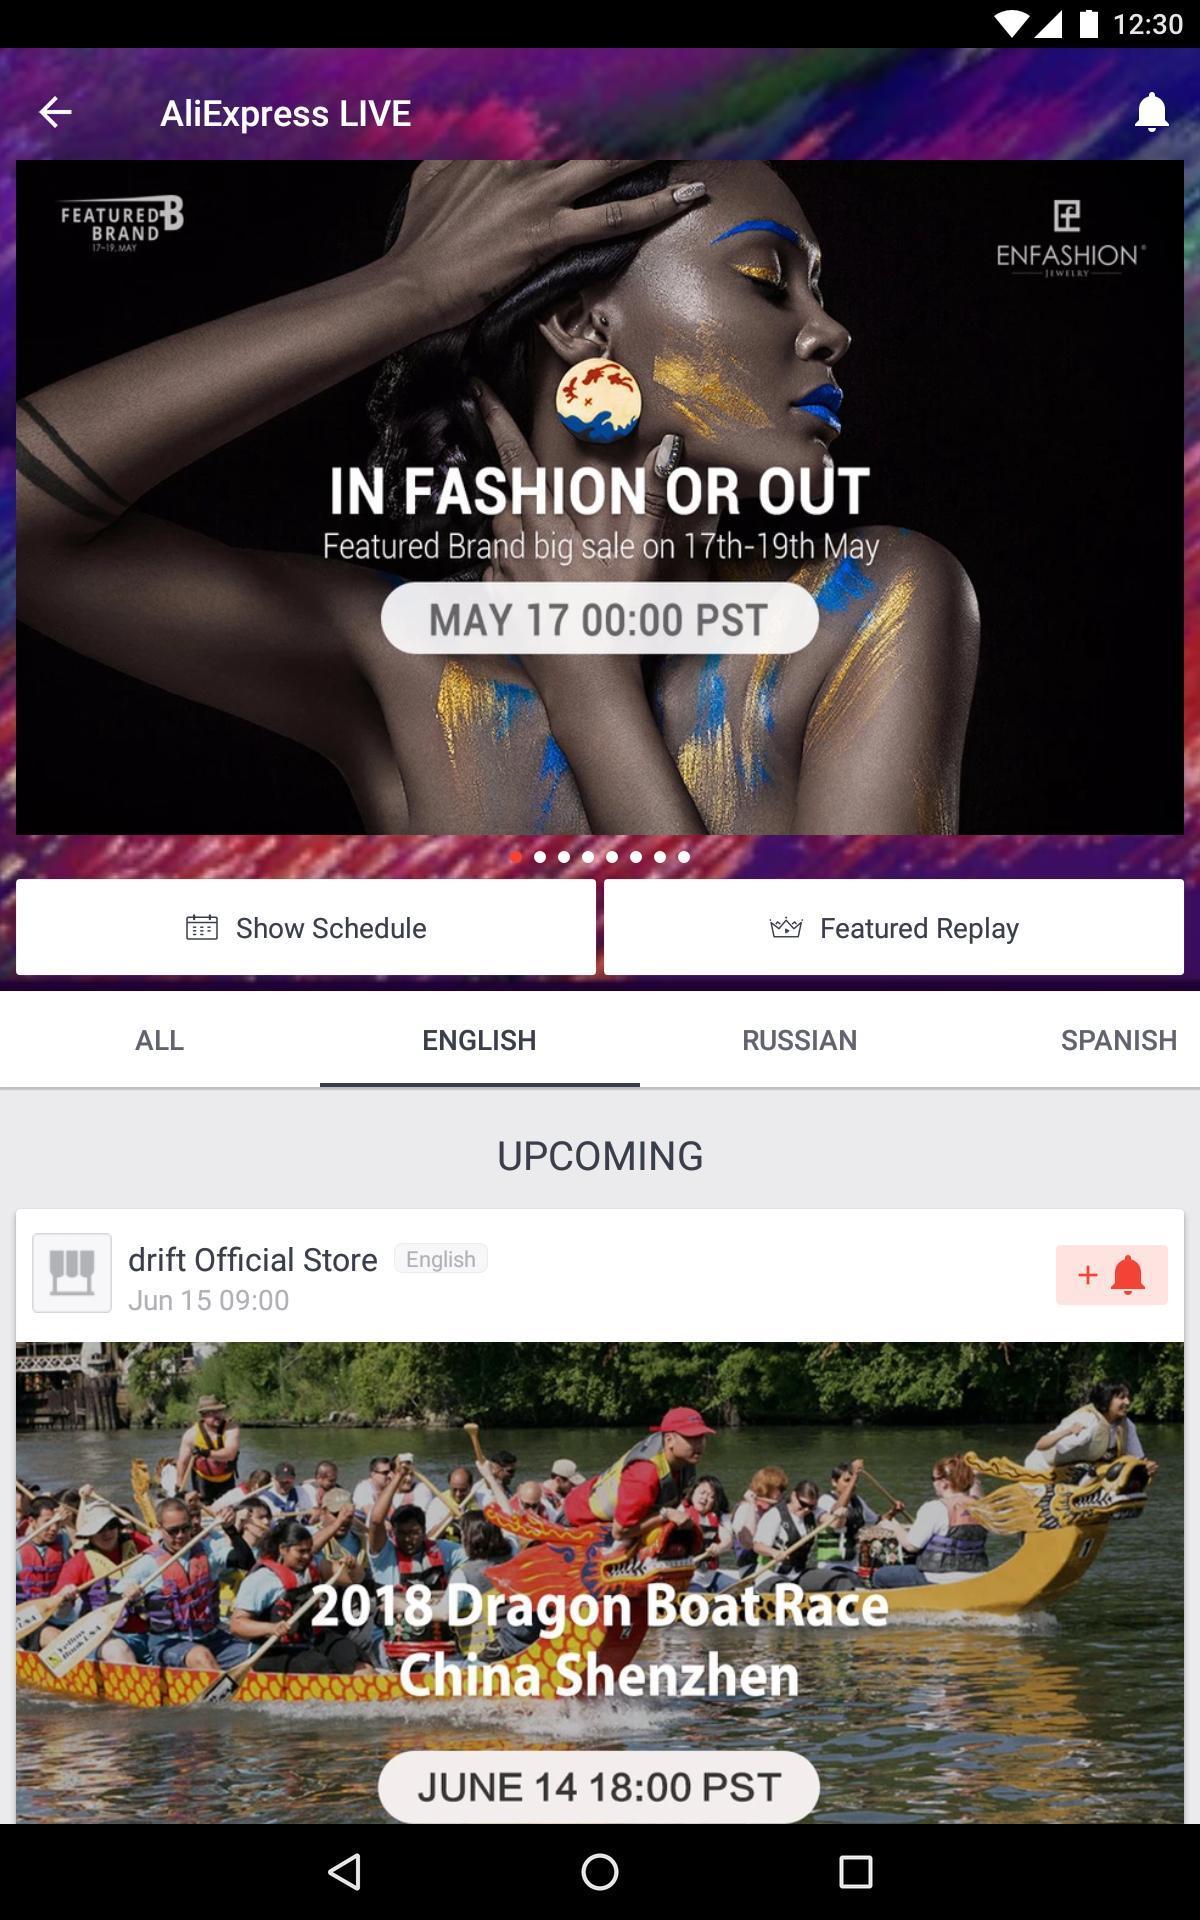 AliExpress Smarter Shopping, Better Living 8.3.3 Screenshot 14